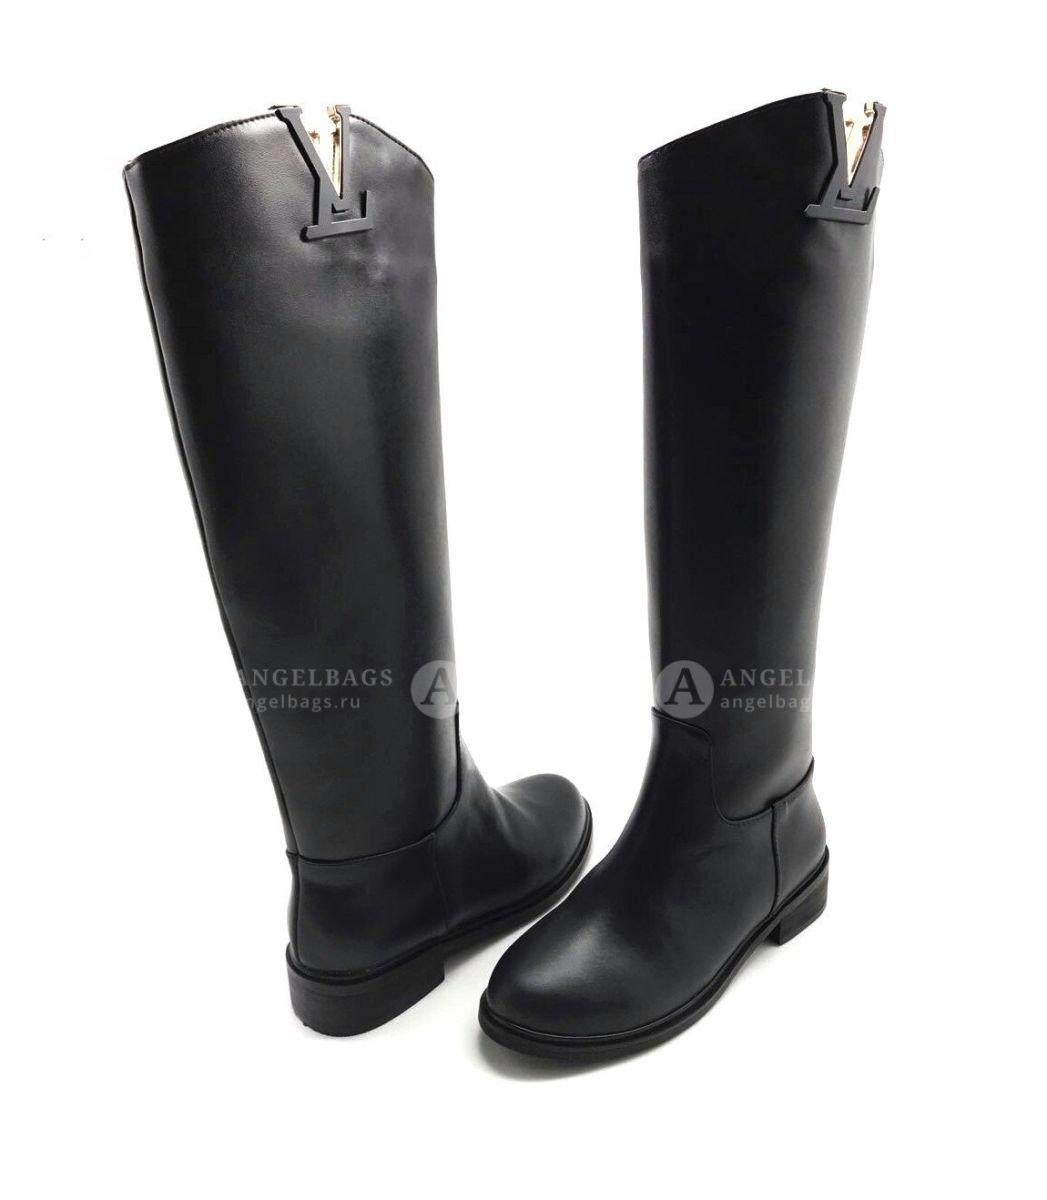 c8f52b818007 Сапоги зимние Louis Vuitton женские. Купить женские ботинки на в Бишкеке  Б у и